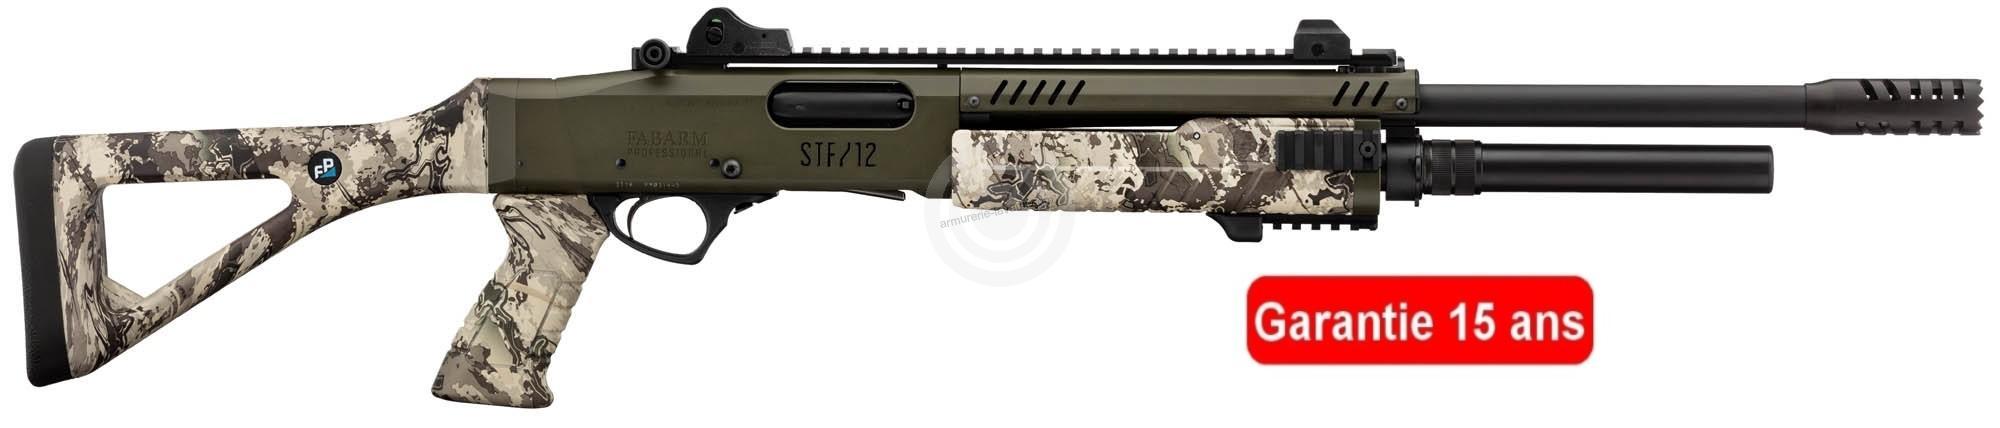 Fusil à pompe FABARM STF12 Tactical Professionnal VIPER (46 cm) cal.12/76